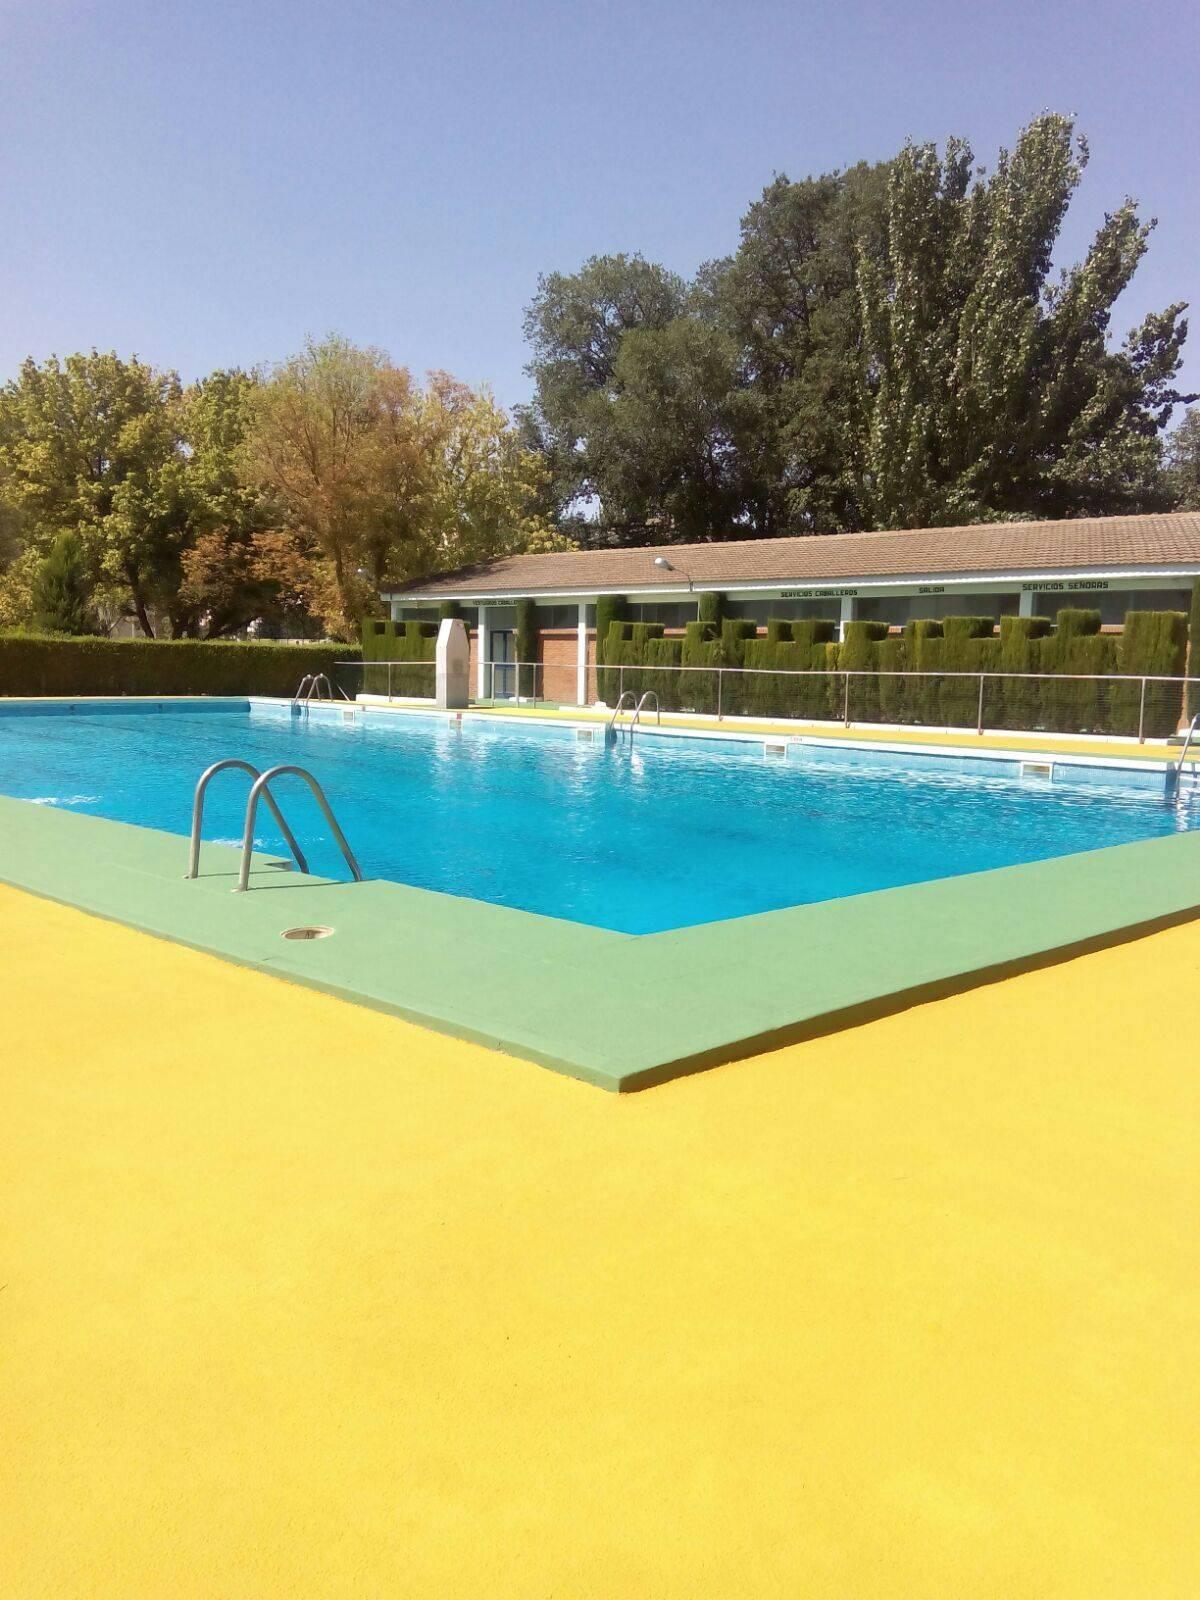 La piscina municipal cerrada por mantenimiento en pleno verano for Piscina municipal fuenlabrada 2017